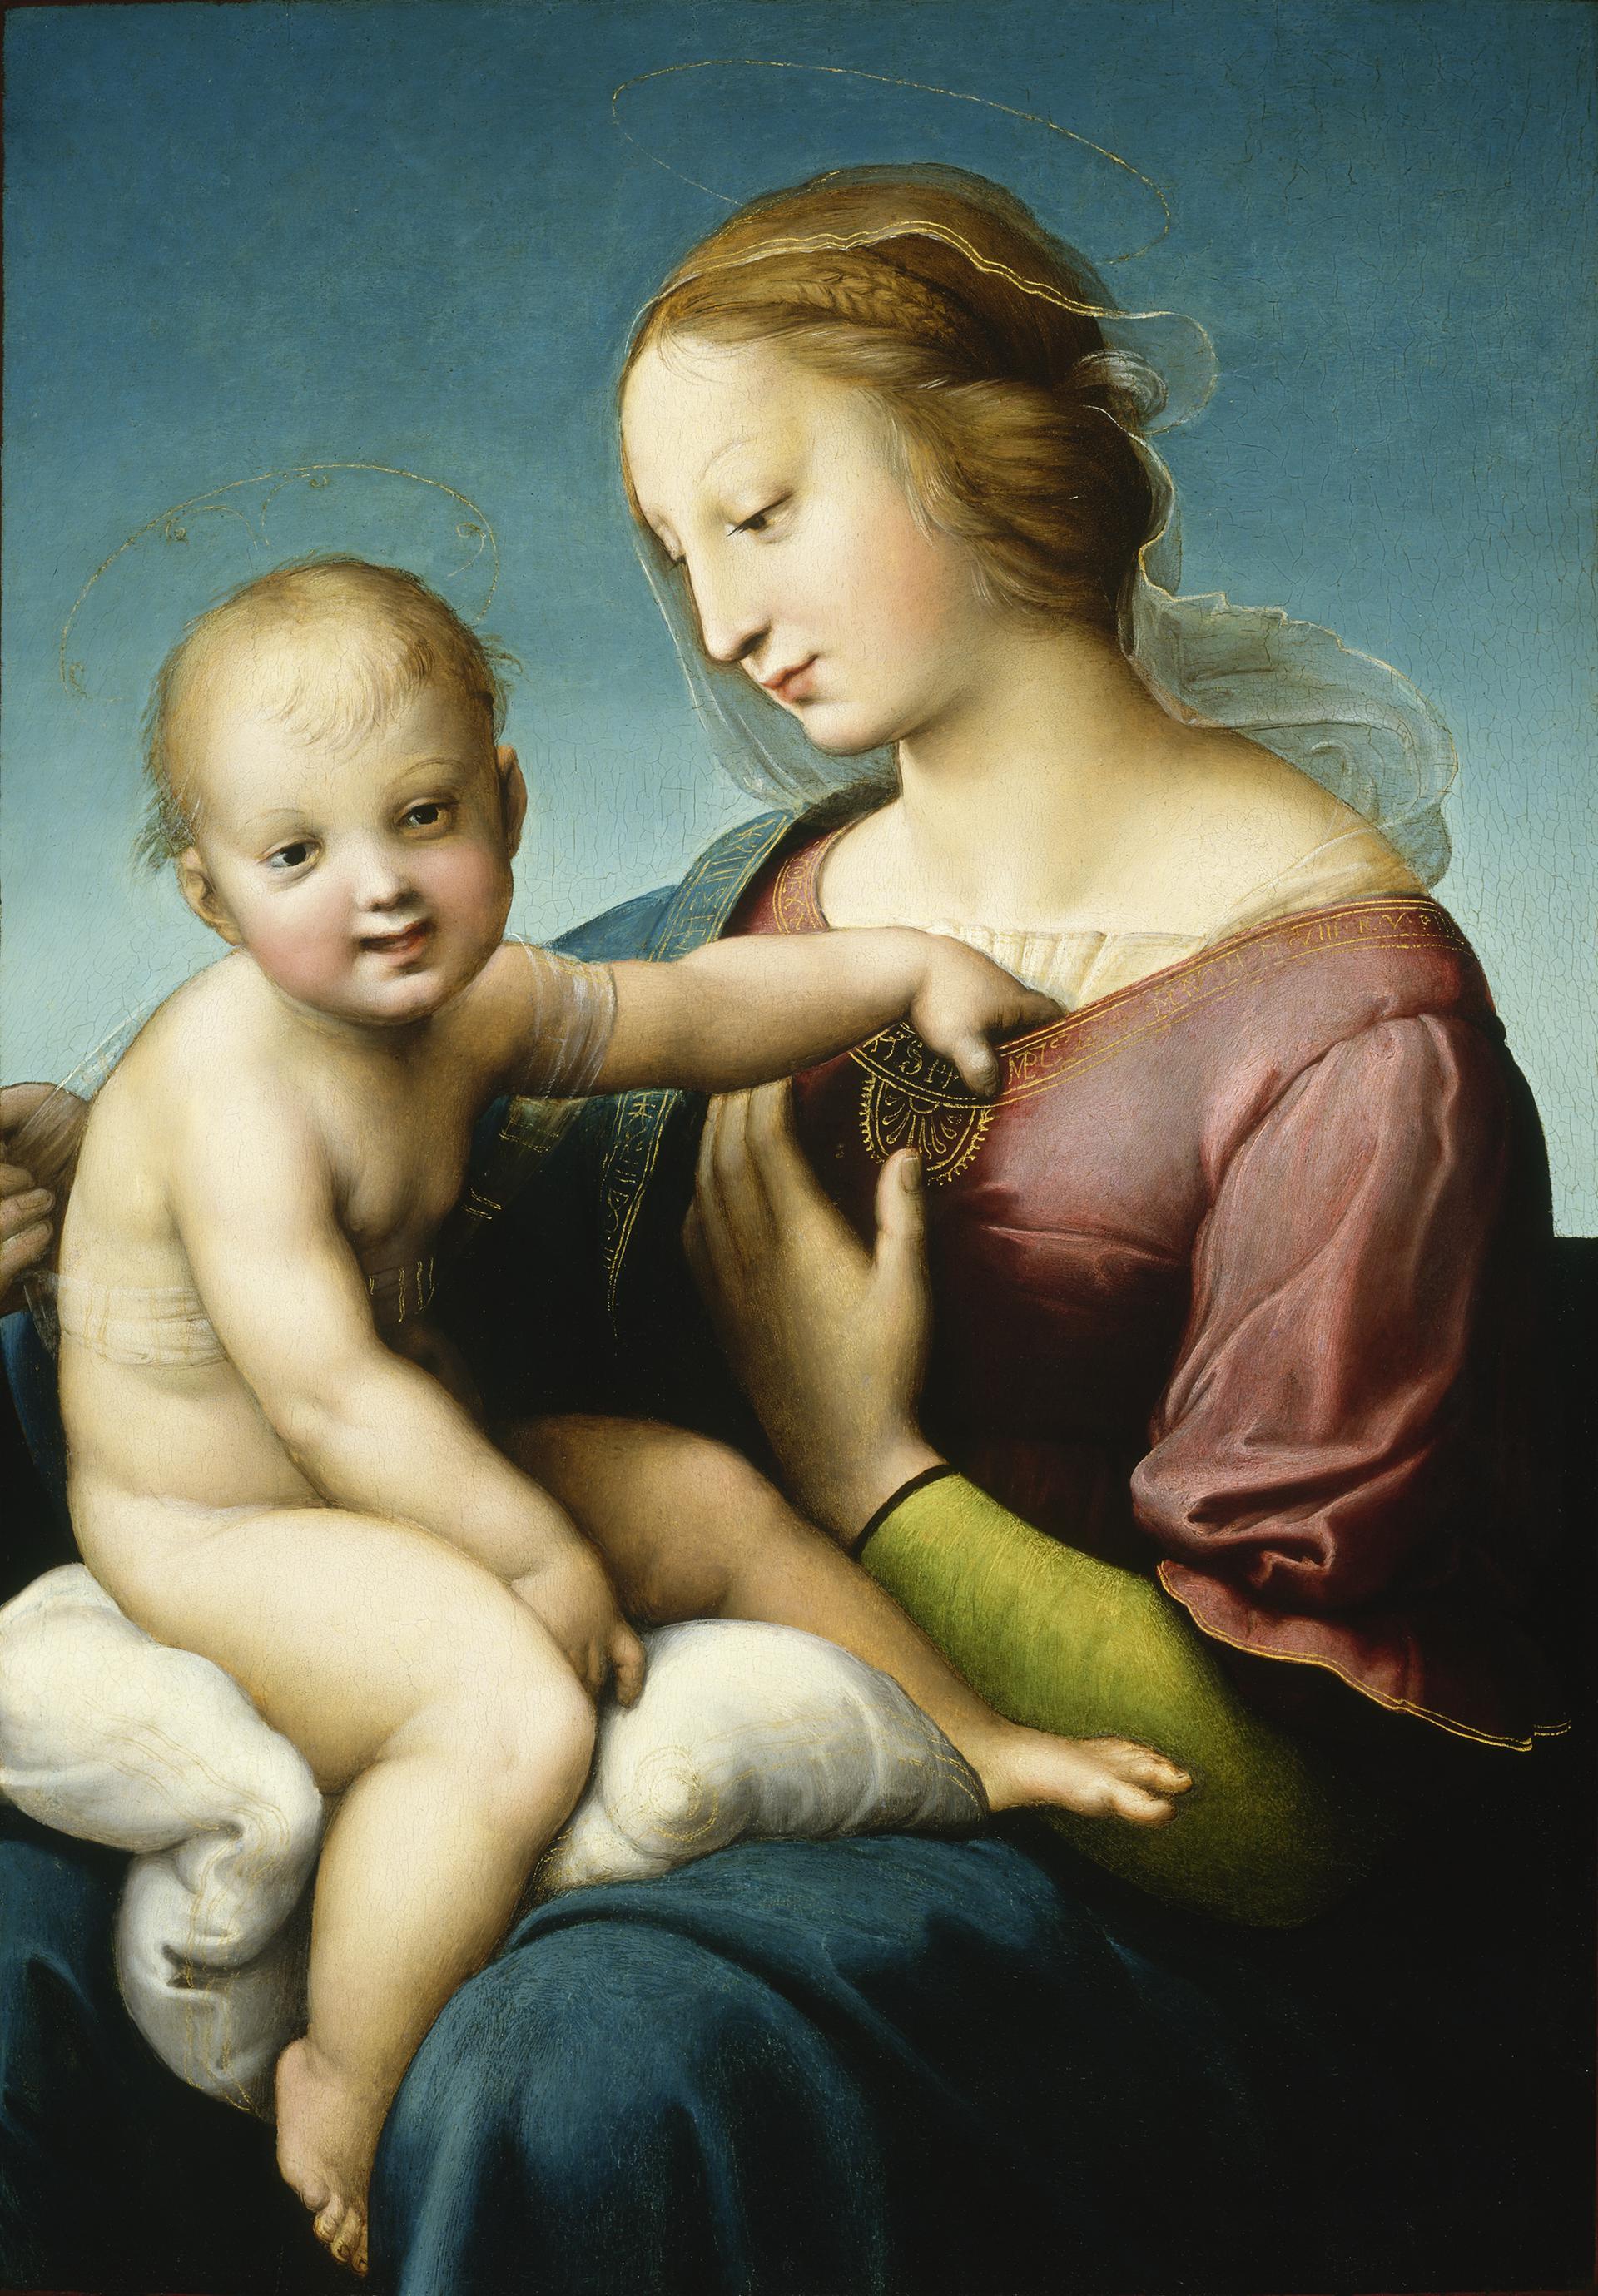 0055_拉斐尔绘画作品集油画专辑TIF-Raffaello-Sanzio-59_2088x3000PX_TIF_99DPI_18_0